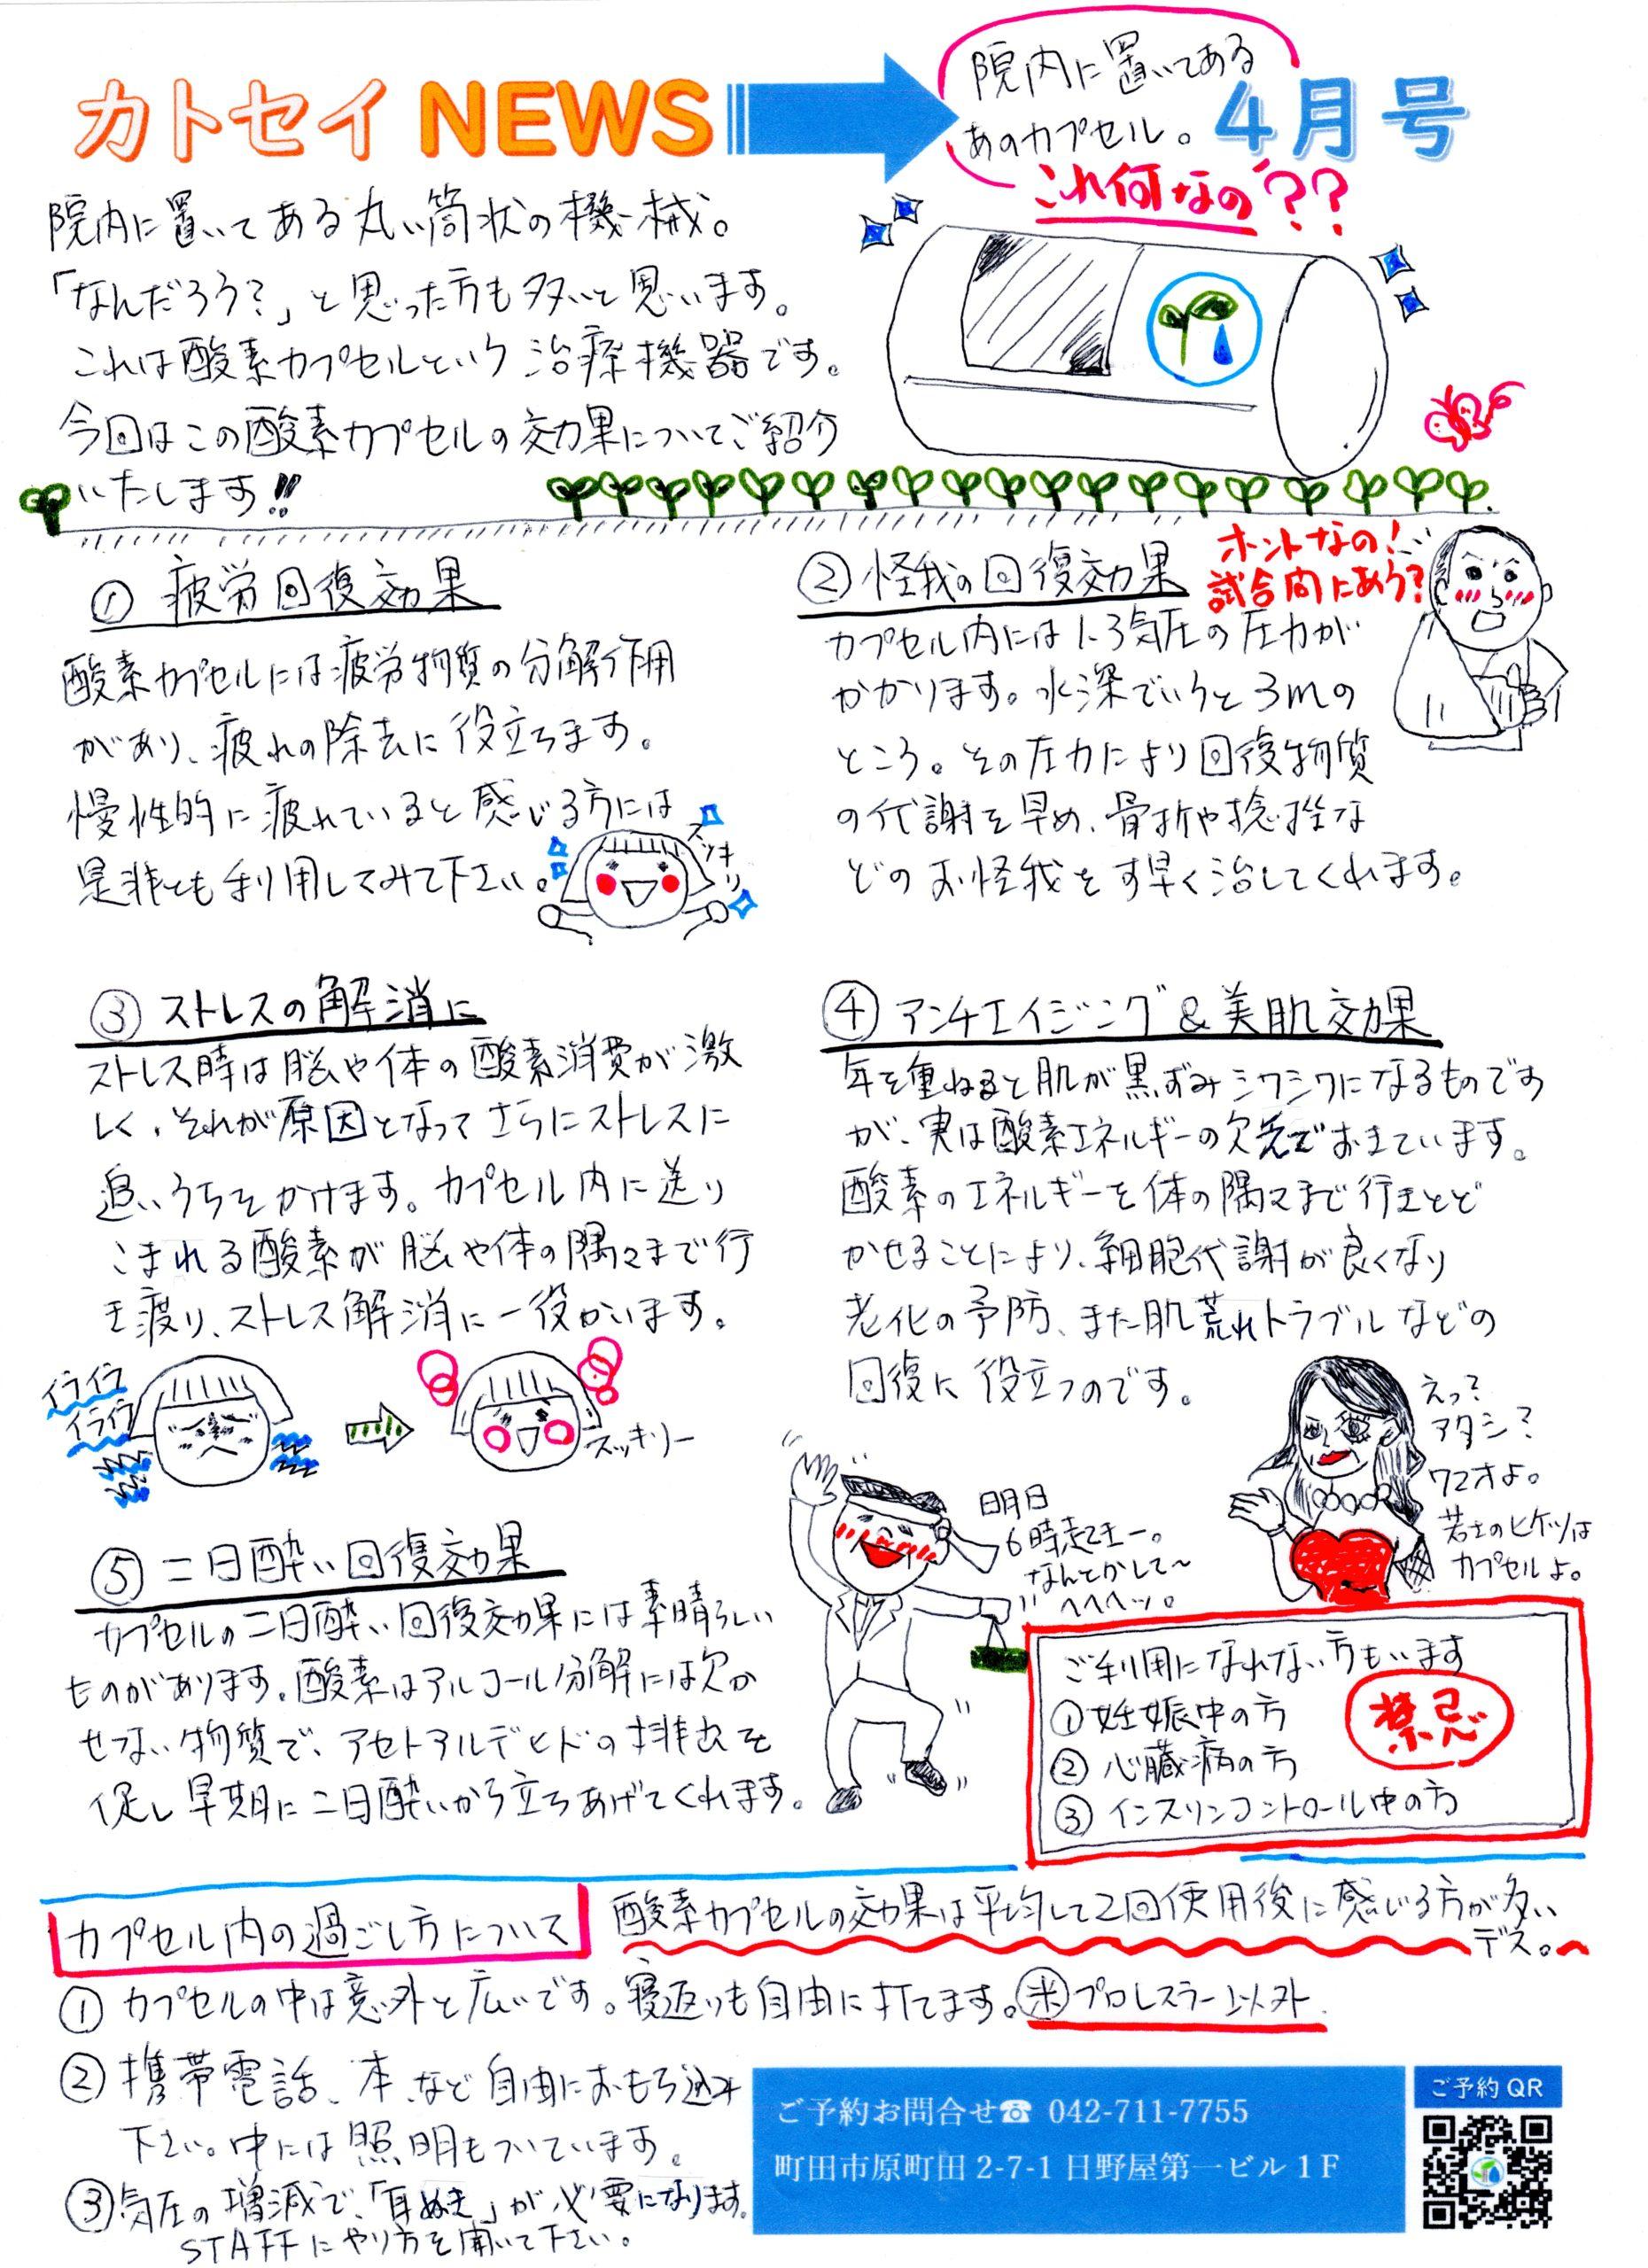 カトセイニュース4月号